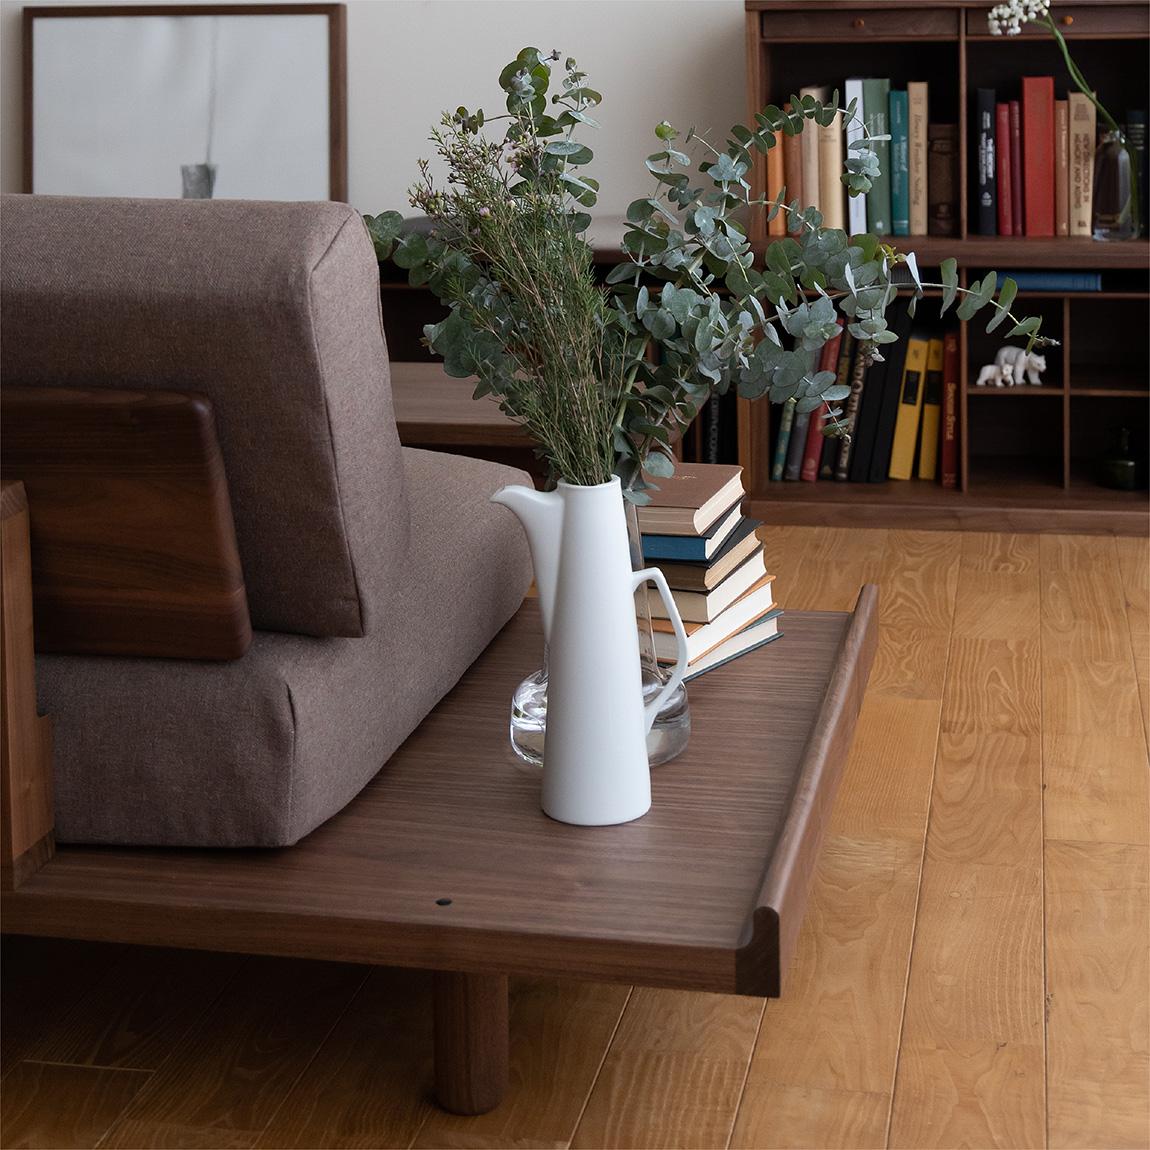 PISOLINO Sofa Bed(walnut)